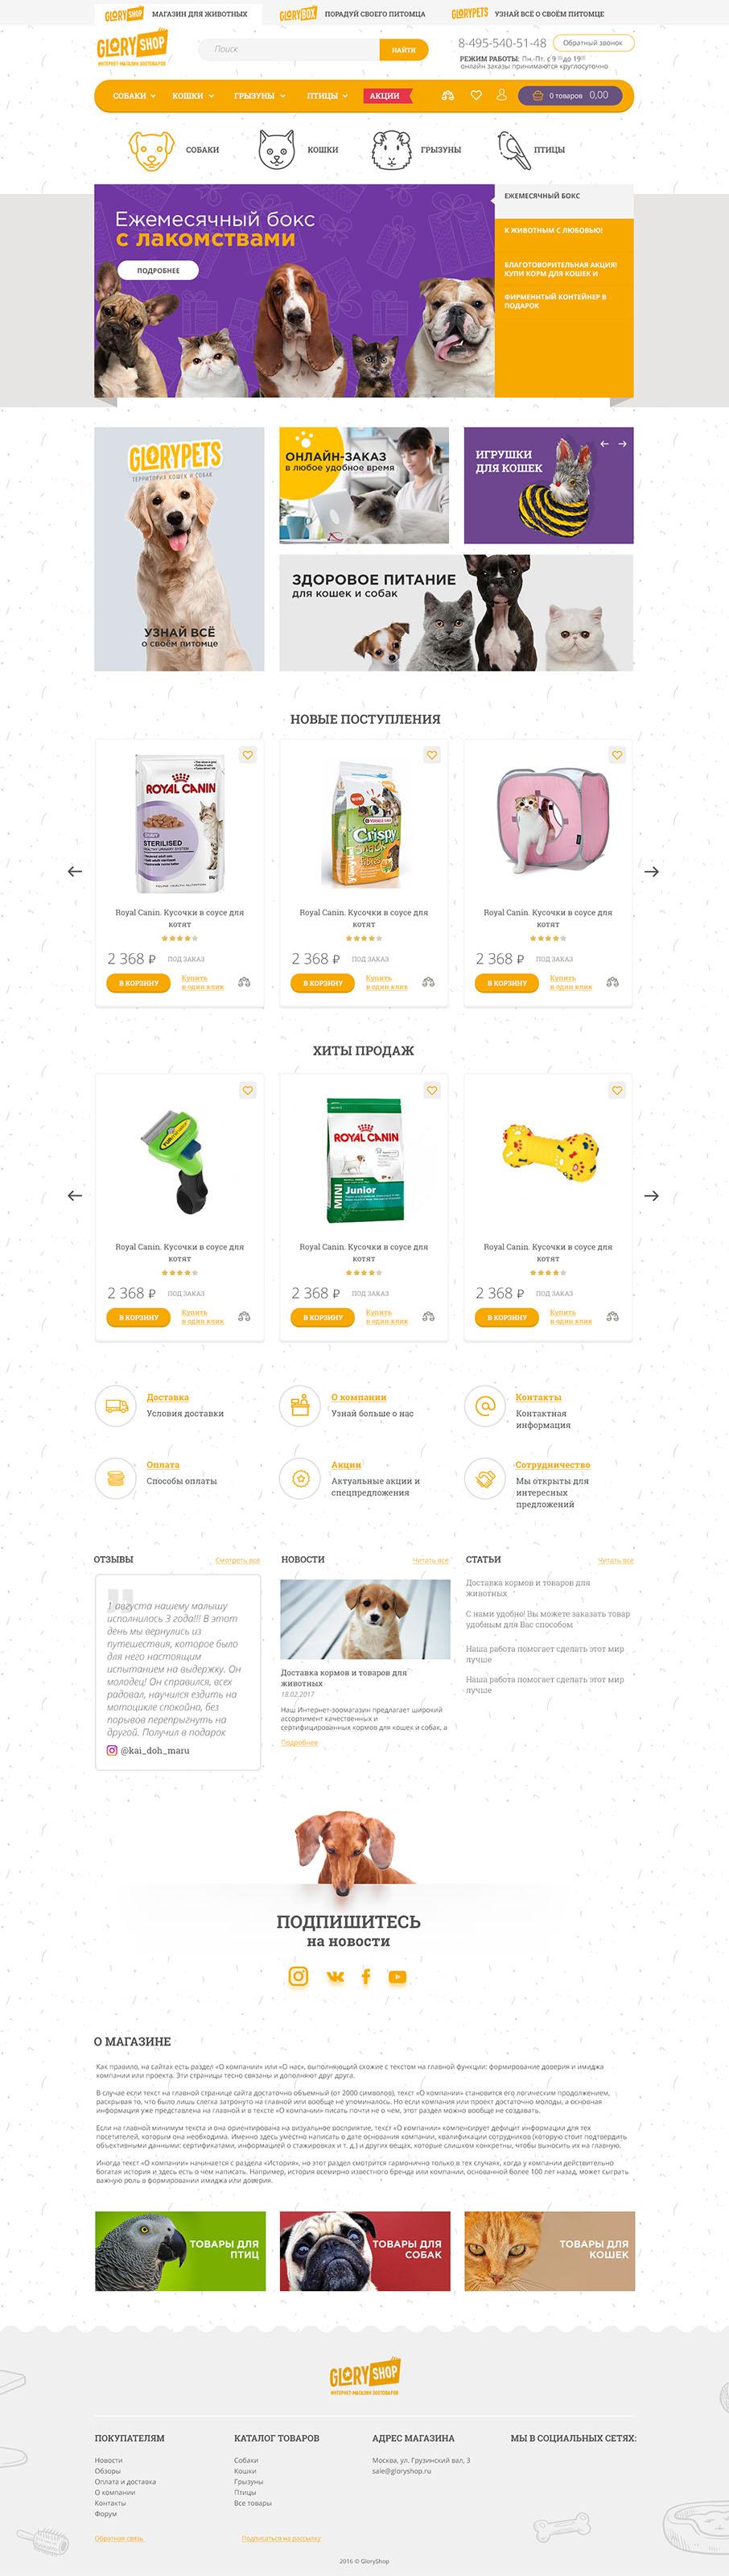 GloryPet - Дизайн интернет-магазина товаров для животных